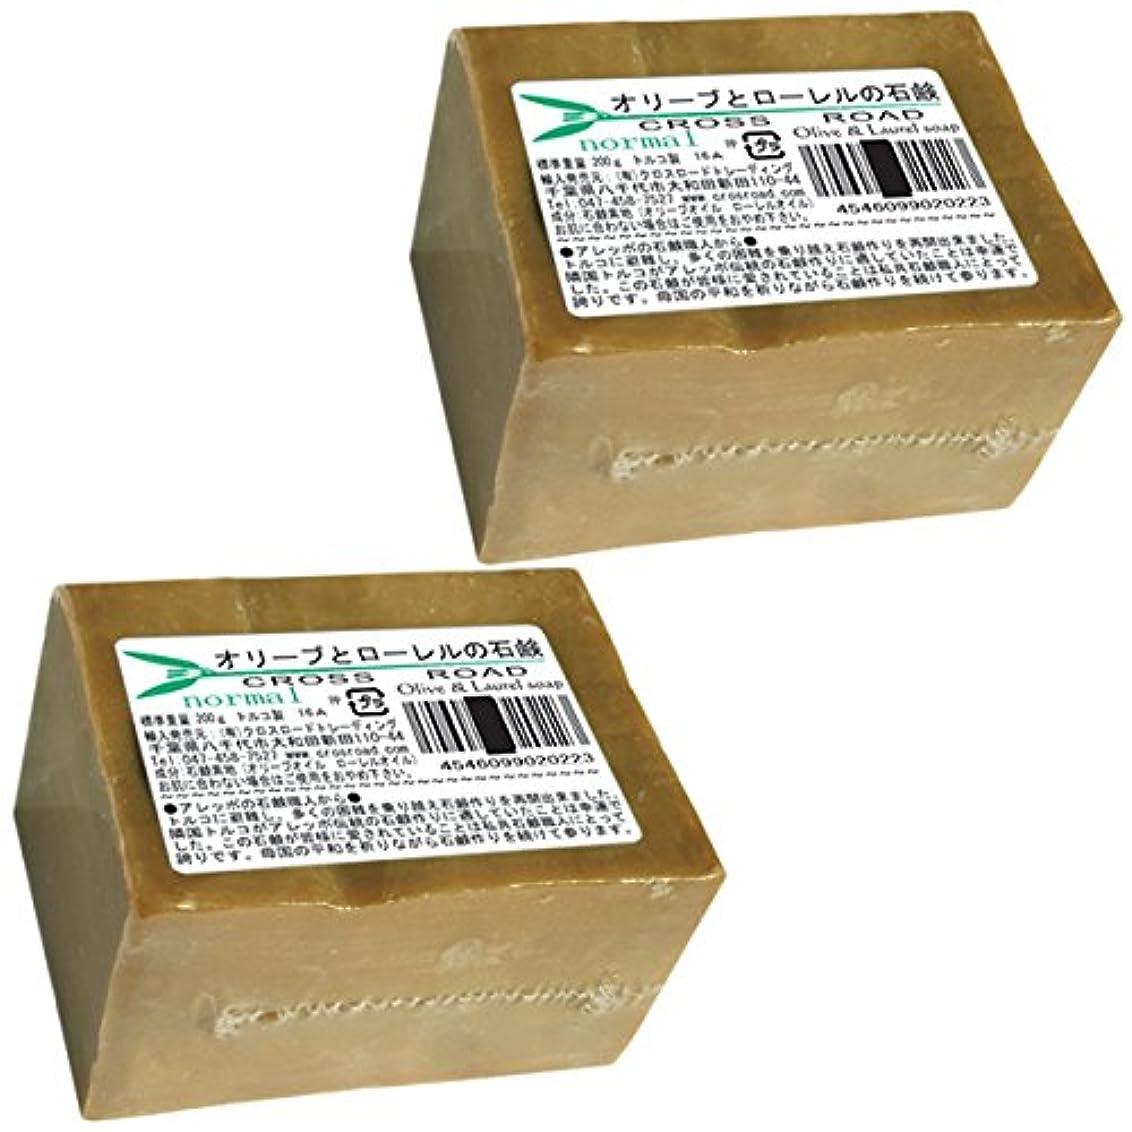 構成員シリーズ亜熱帯オリーブとローレルの石鹸(ノーマル)2個セット [並行輸入品]